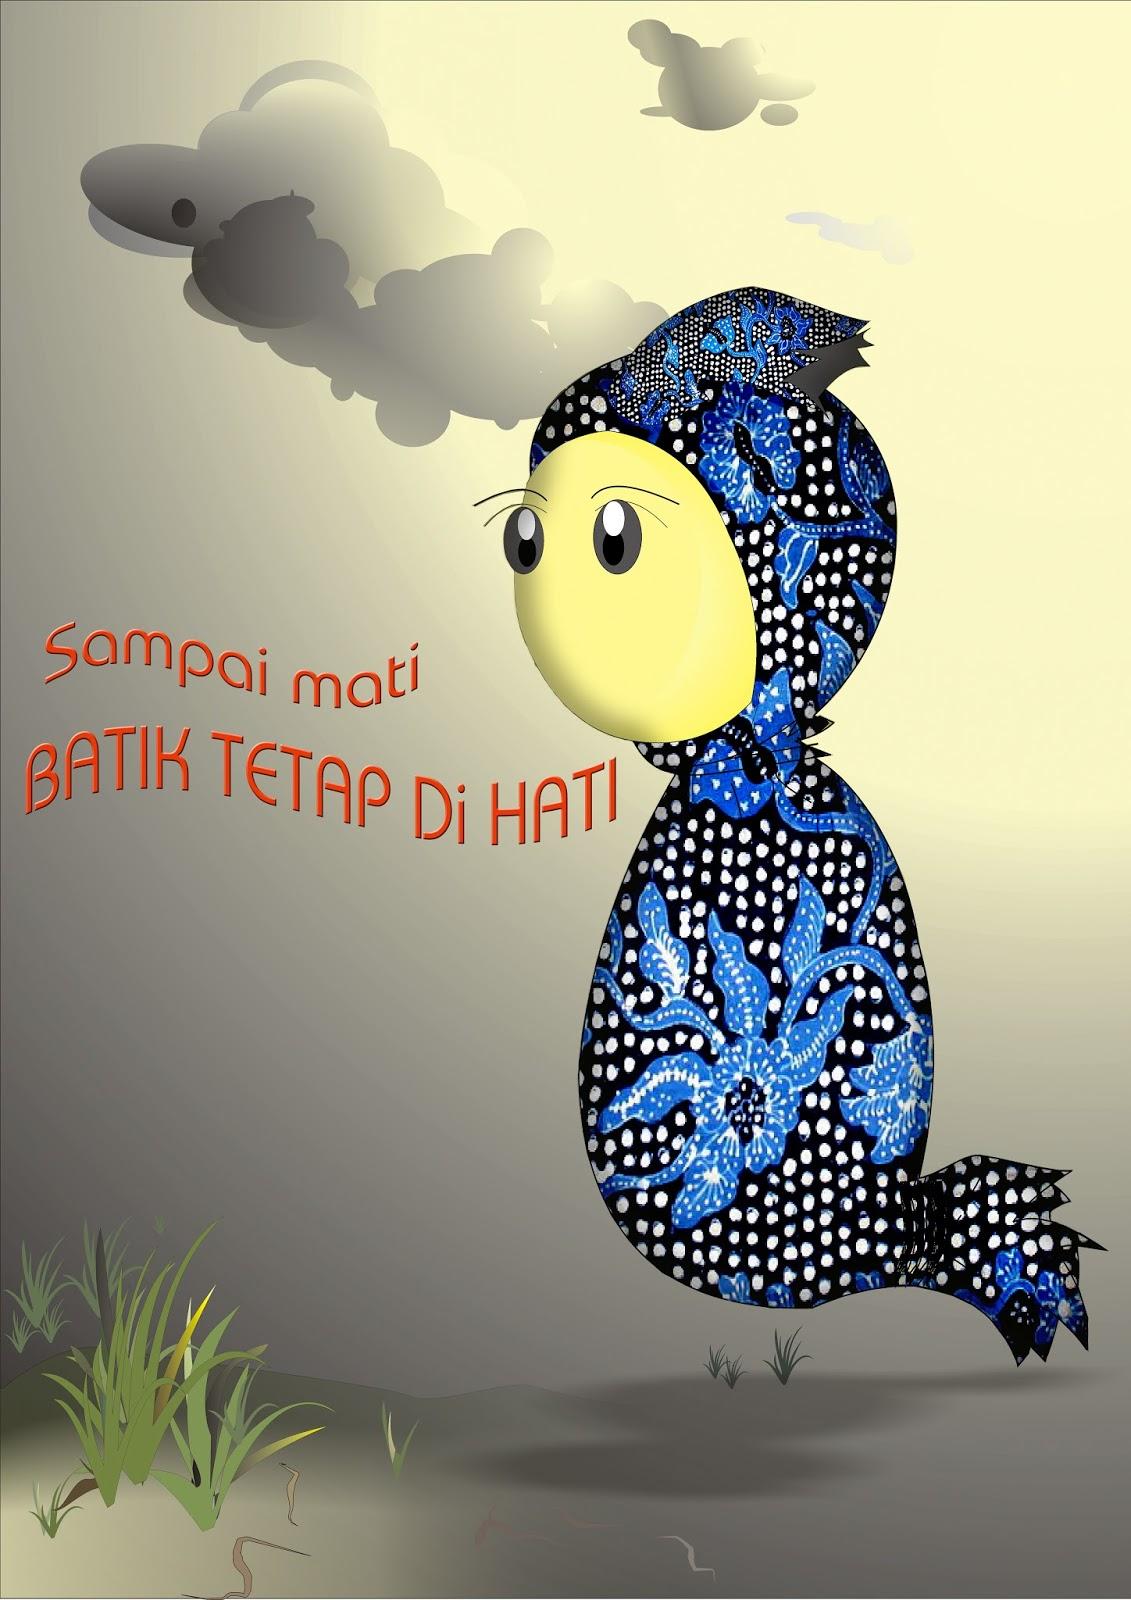 Contoh Gambar Poster Batik Ide Poster